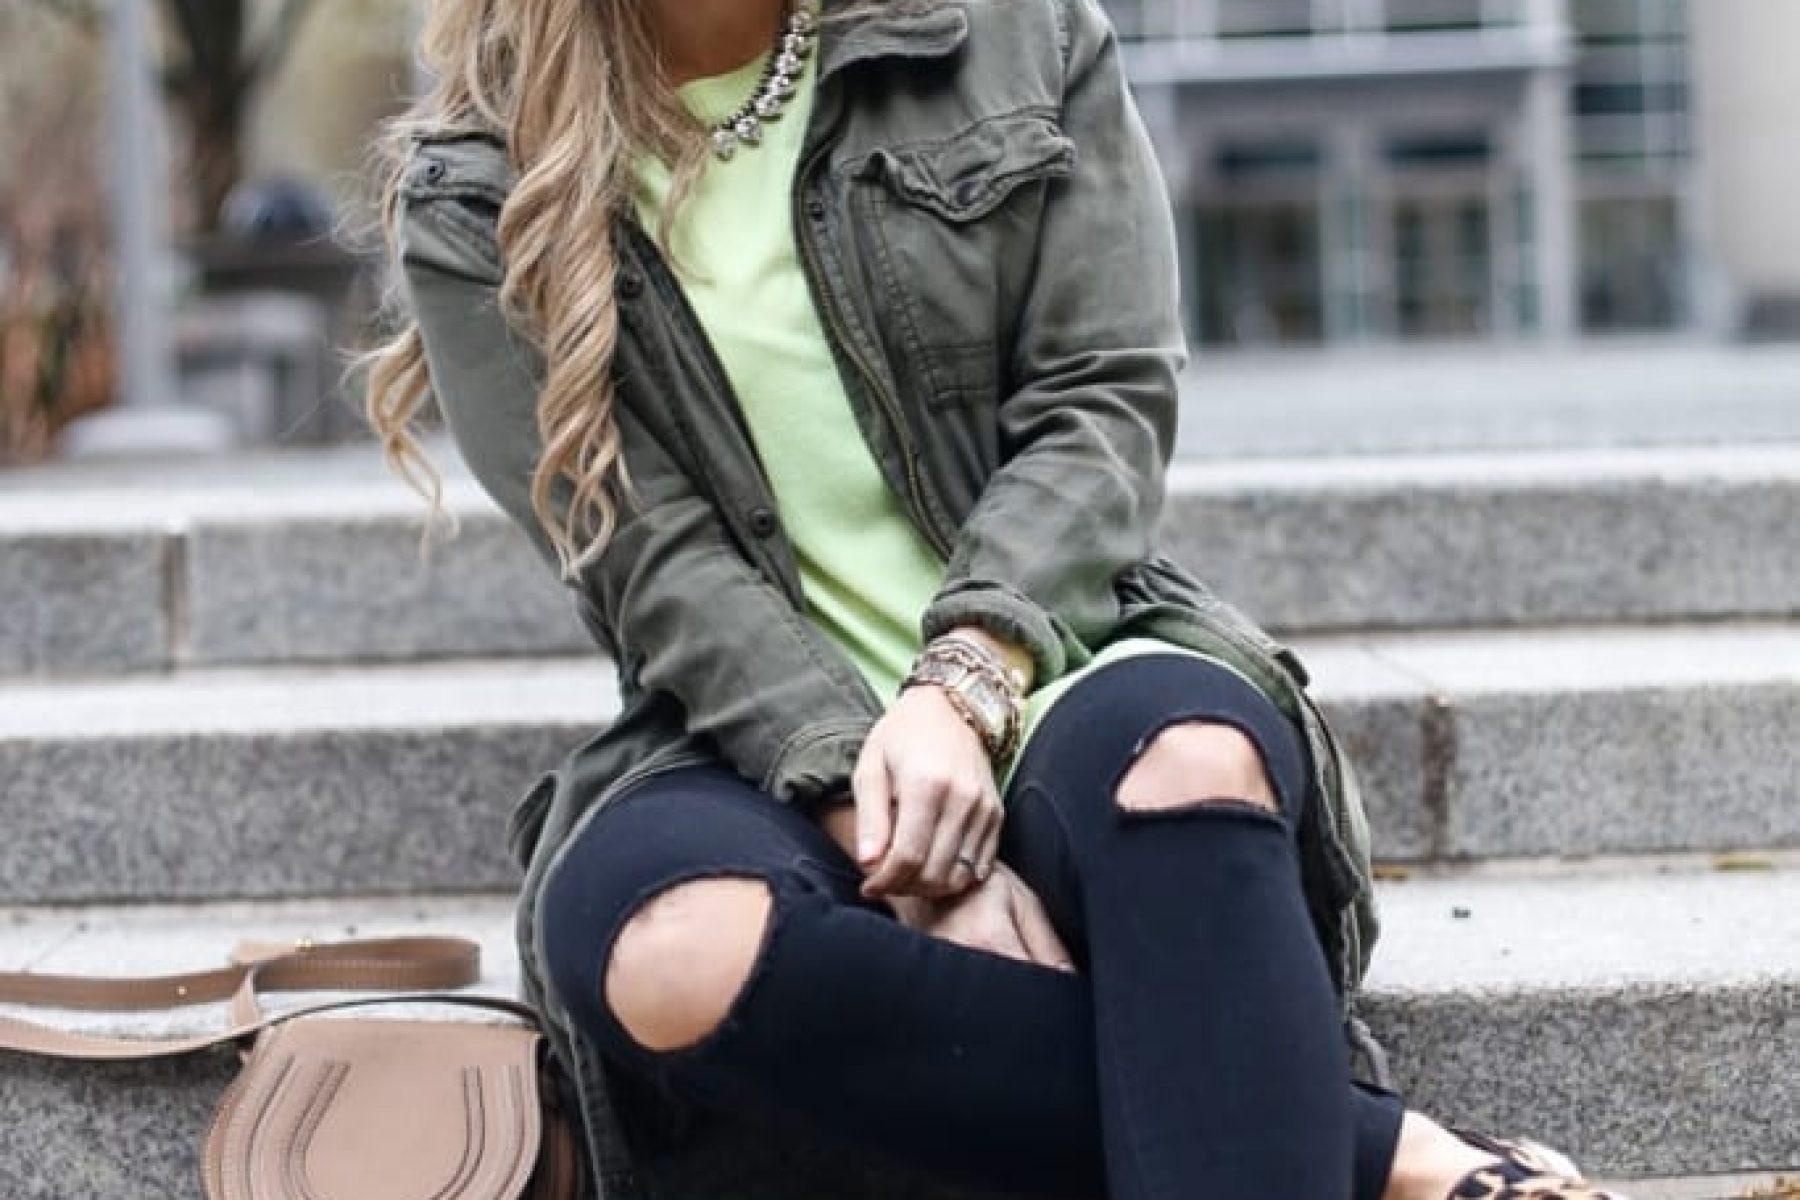 Afternoon-Espresso-Leopard Sneakers- Casual-Cargo Jacket- Rocksbox-Chloe Handbag-1